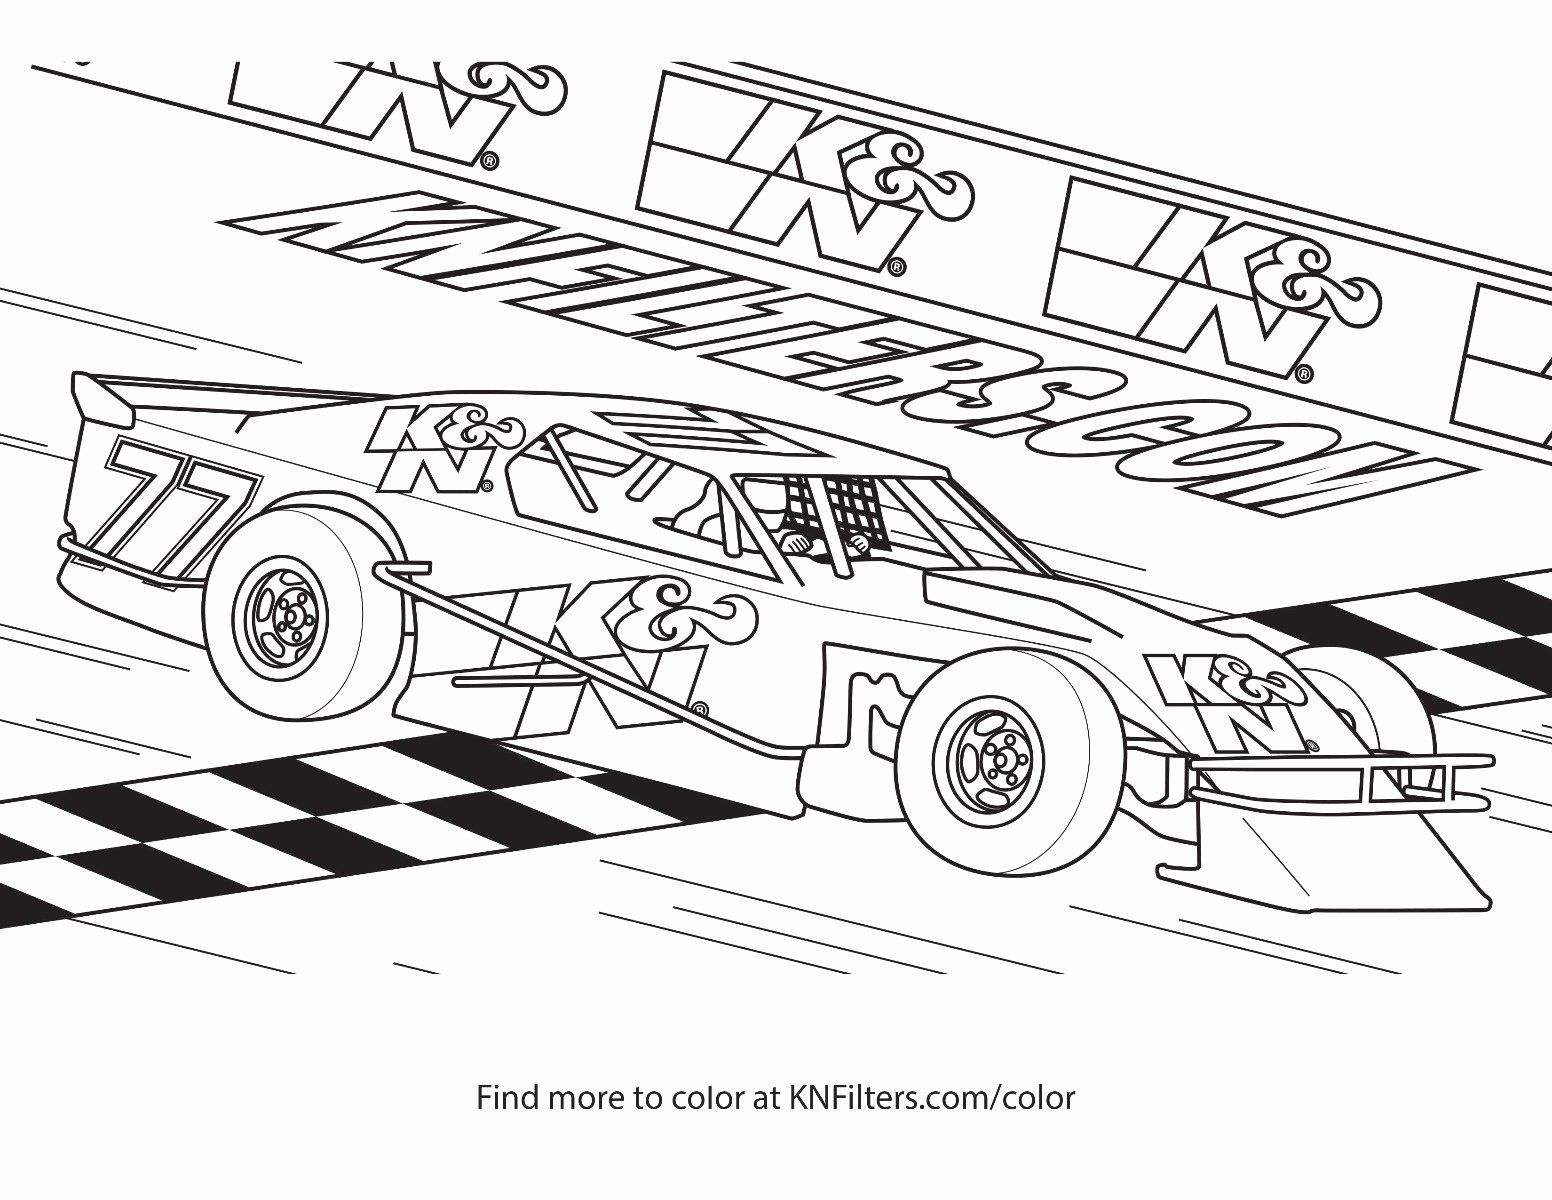 Race Car Coloring Page Luxury K N Printable Coloring Pages For Kids Cars Coloring Pages Race Car Coloring Pages Truck Coloring Pages